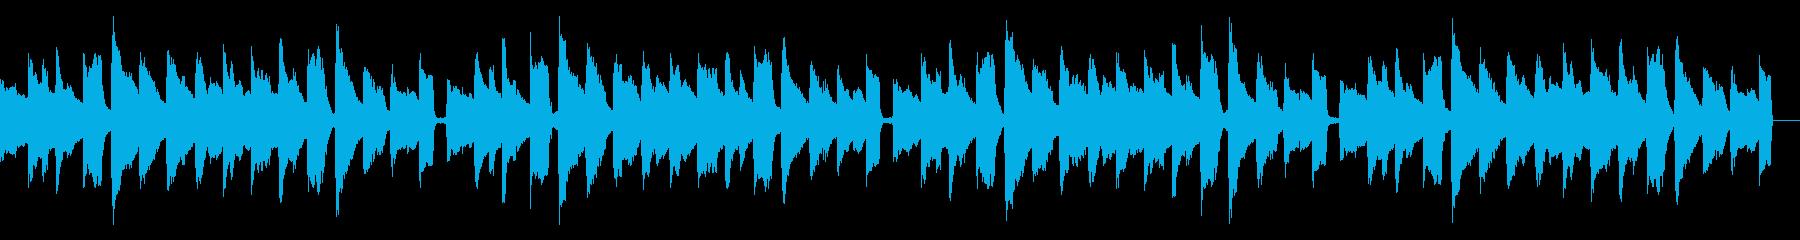 アコギとエレピでほっこりと少し切なくの再生済みの波形